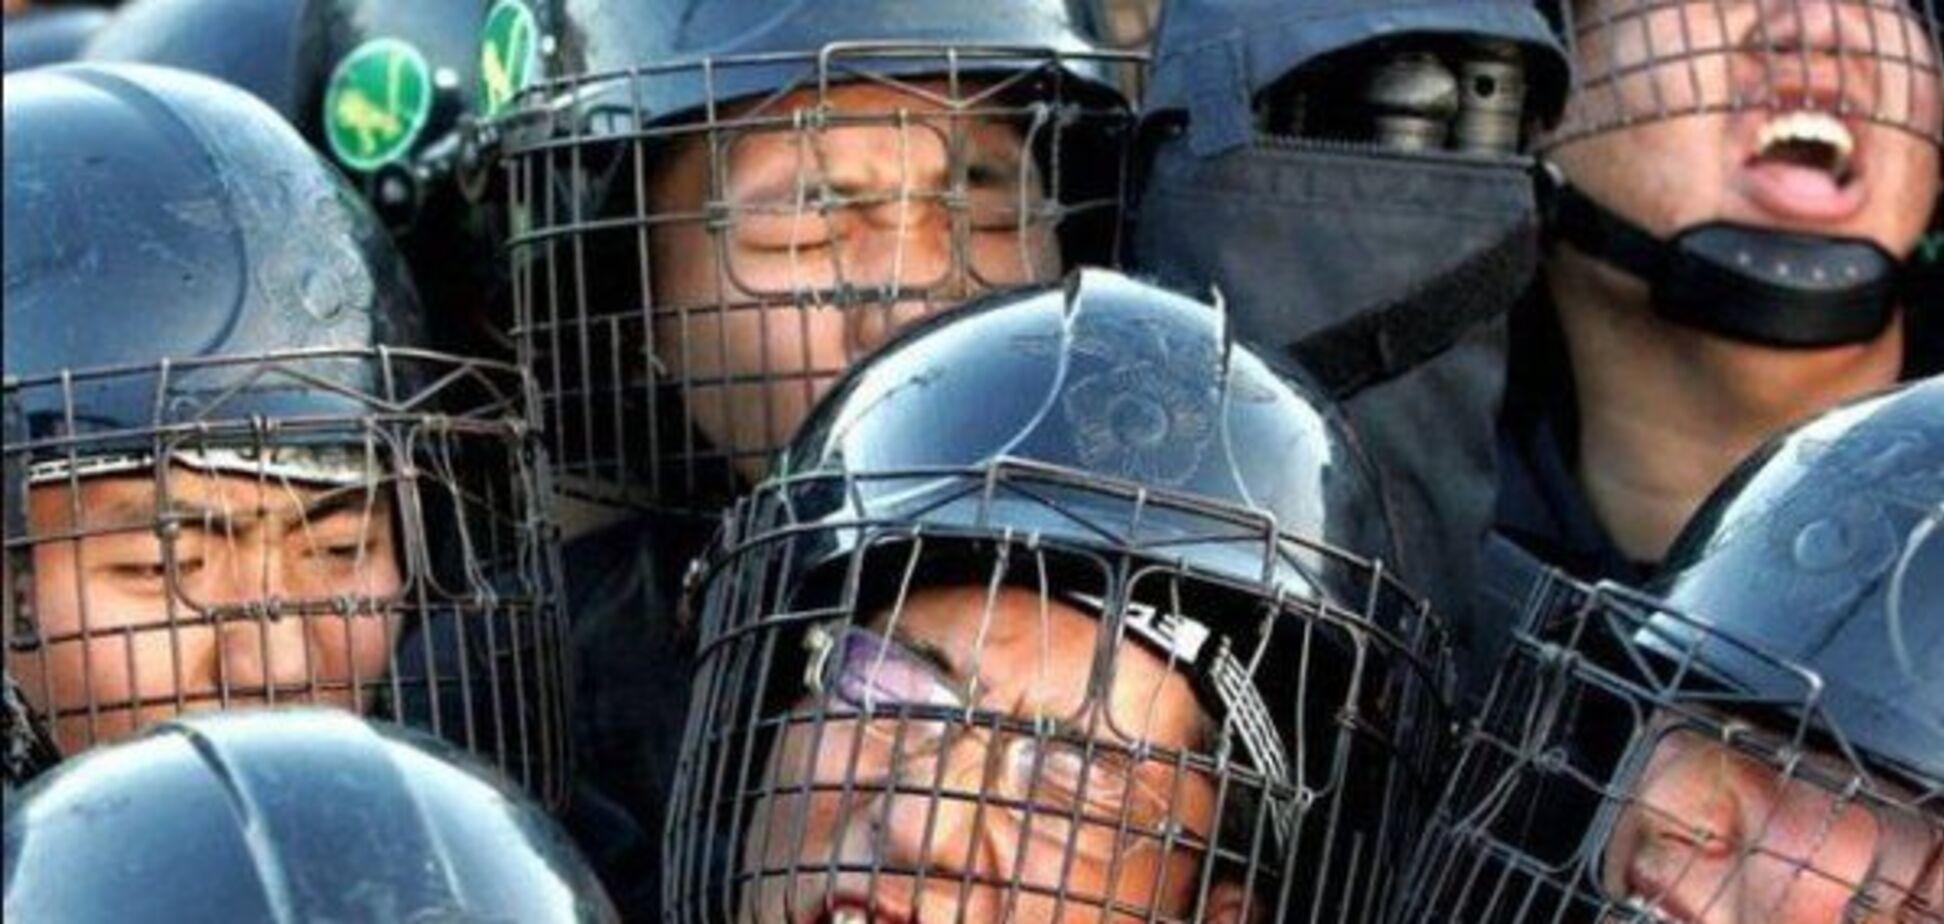 Будні поліцейських. Поліція з народом і проти нього